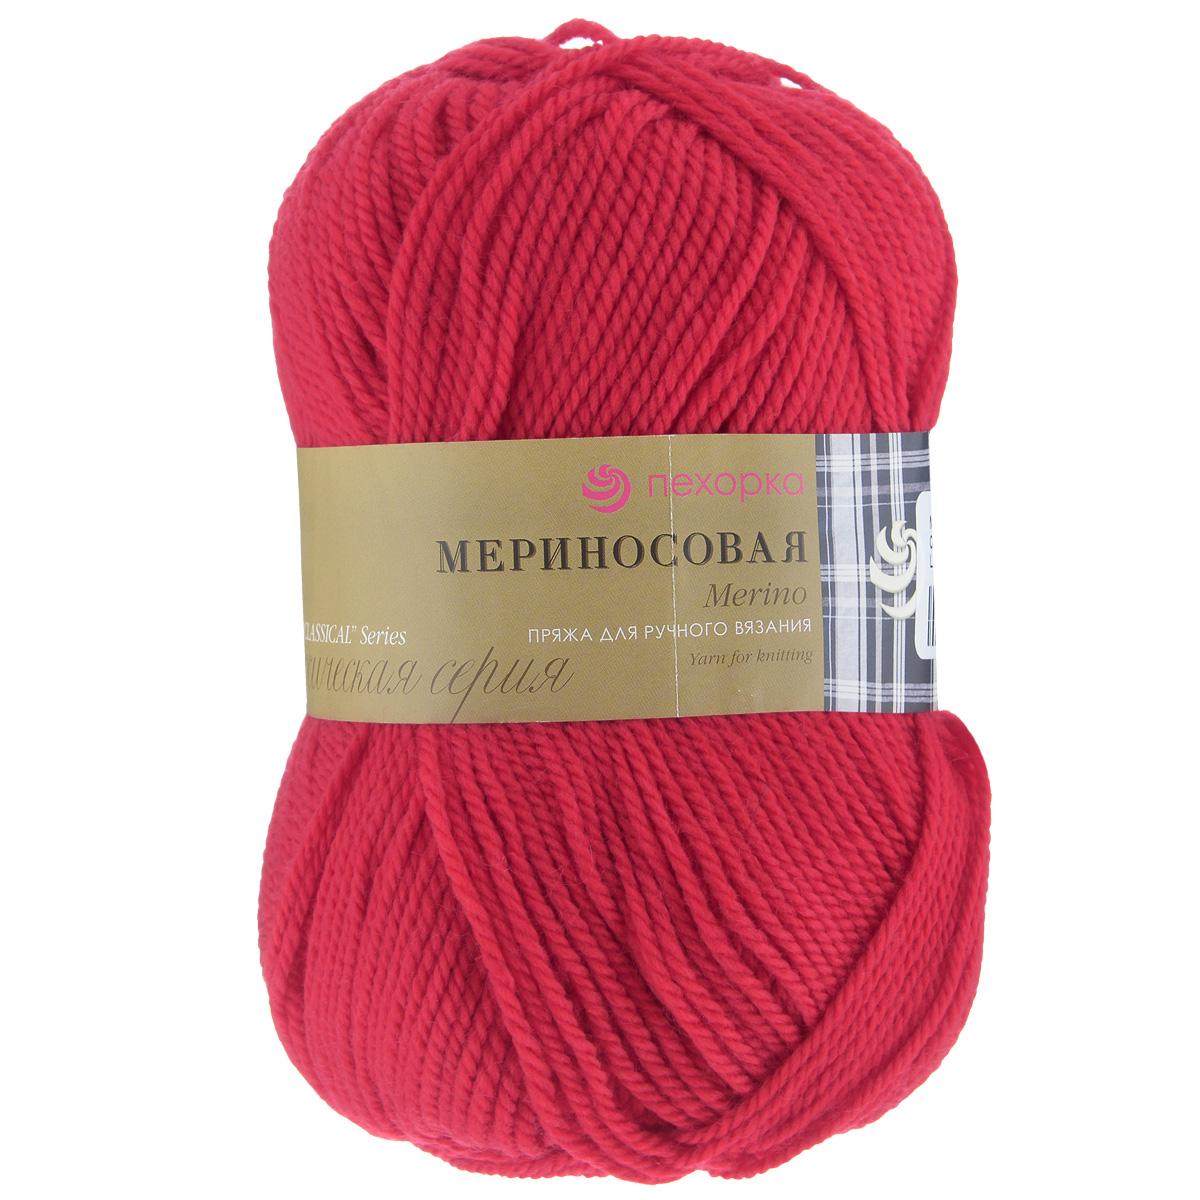 Пряжа для вязания Пехорка Мериносовая, цвет: красный (06), 200 м, 100 г, 10 шт360021_06_06-КрасныйПряжа для вязания Пехорка Мериносовая изготовлена из мериносовой шерсти и акрила. Эта полушерстяная пряжа больше подходит для ручного вязания спицами в одну нить. Пряжа мягкая и нежная, оптимальной толщины. С такой пряжей вы сможете связать своими руками необычные, красивые и теплые вещи. Рекомендованные спицы для вязания № 4. Комплектация: 10 мотков. Состав: 50% мериносовая шерсть, 50% акрил.